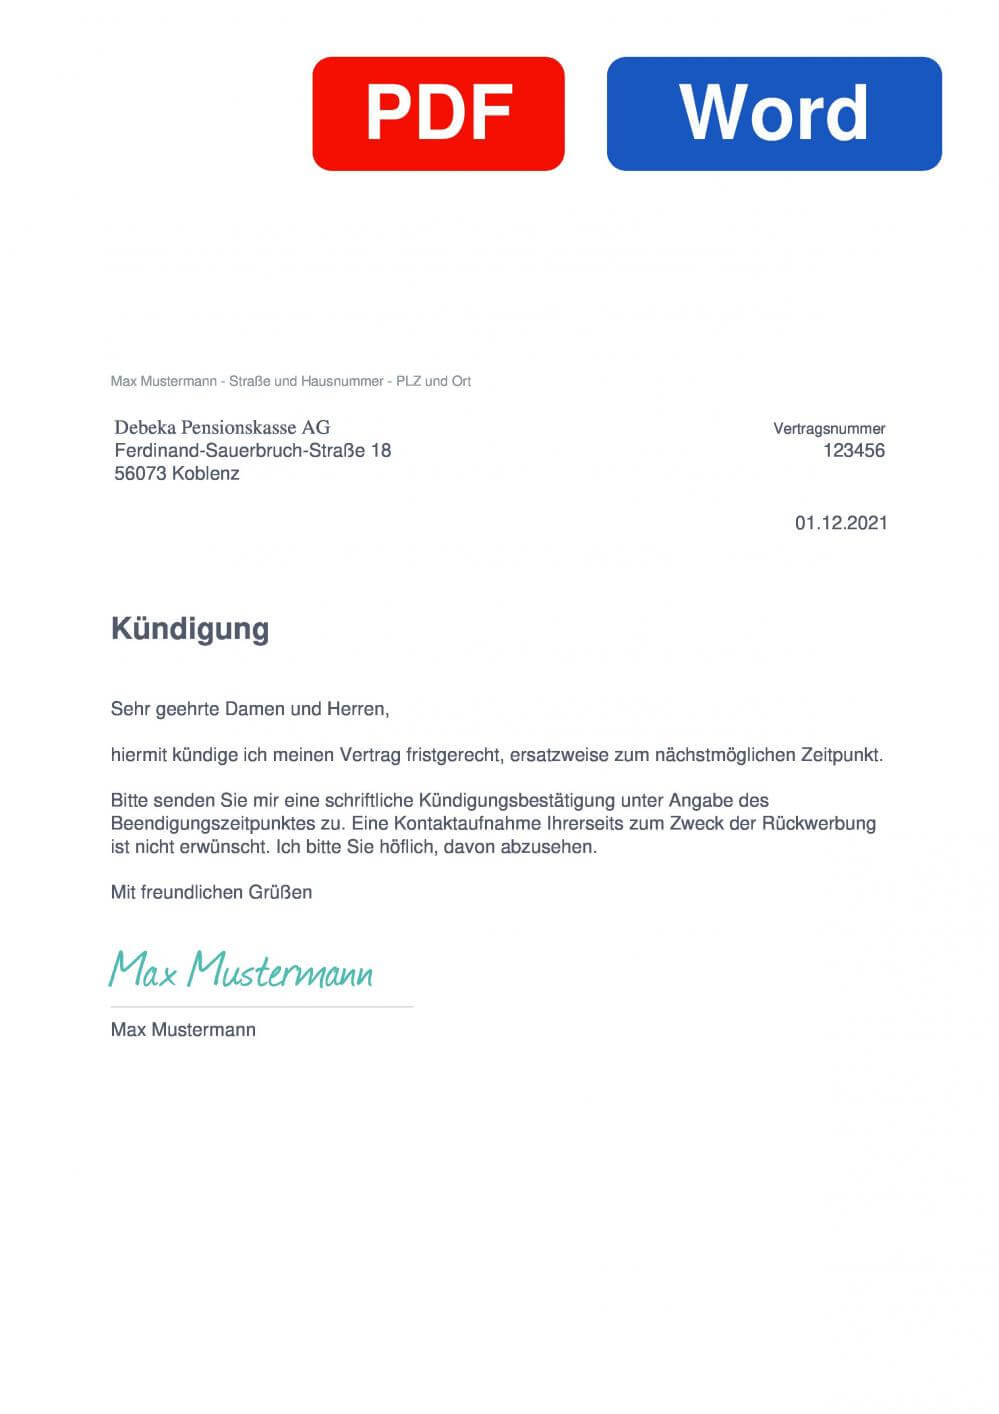 Debeka Pensionskasse Muster Vorlage für Kündigungsschreiben